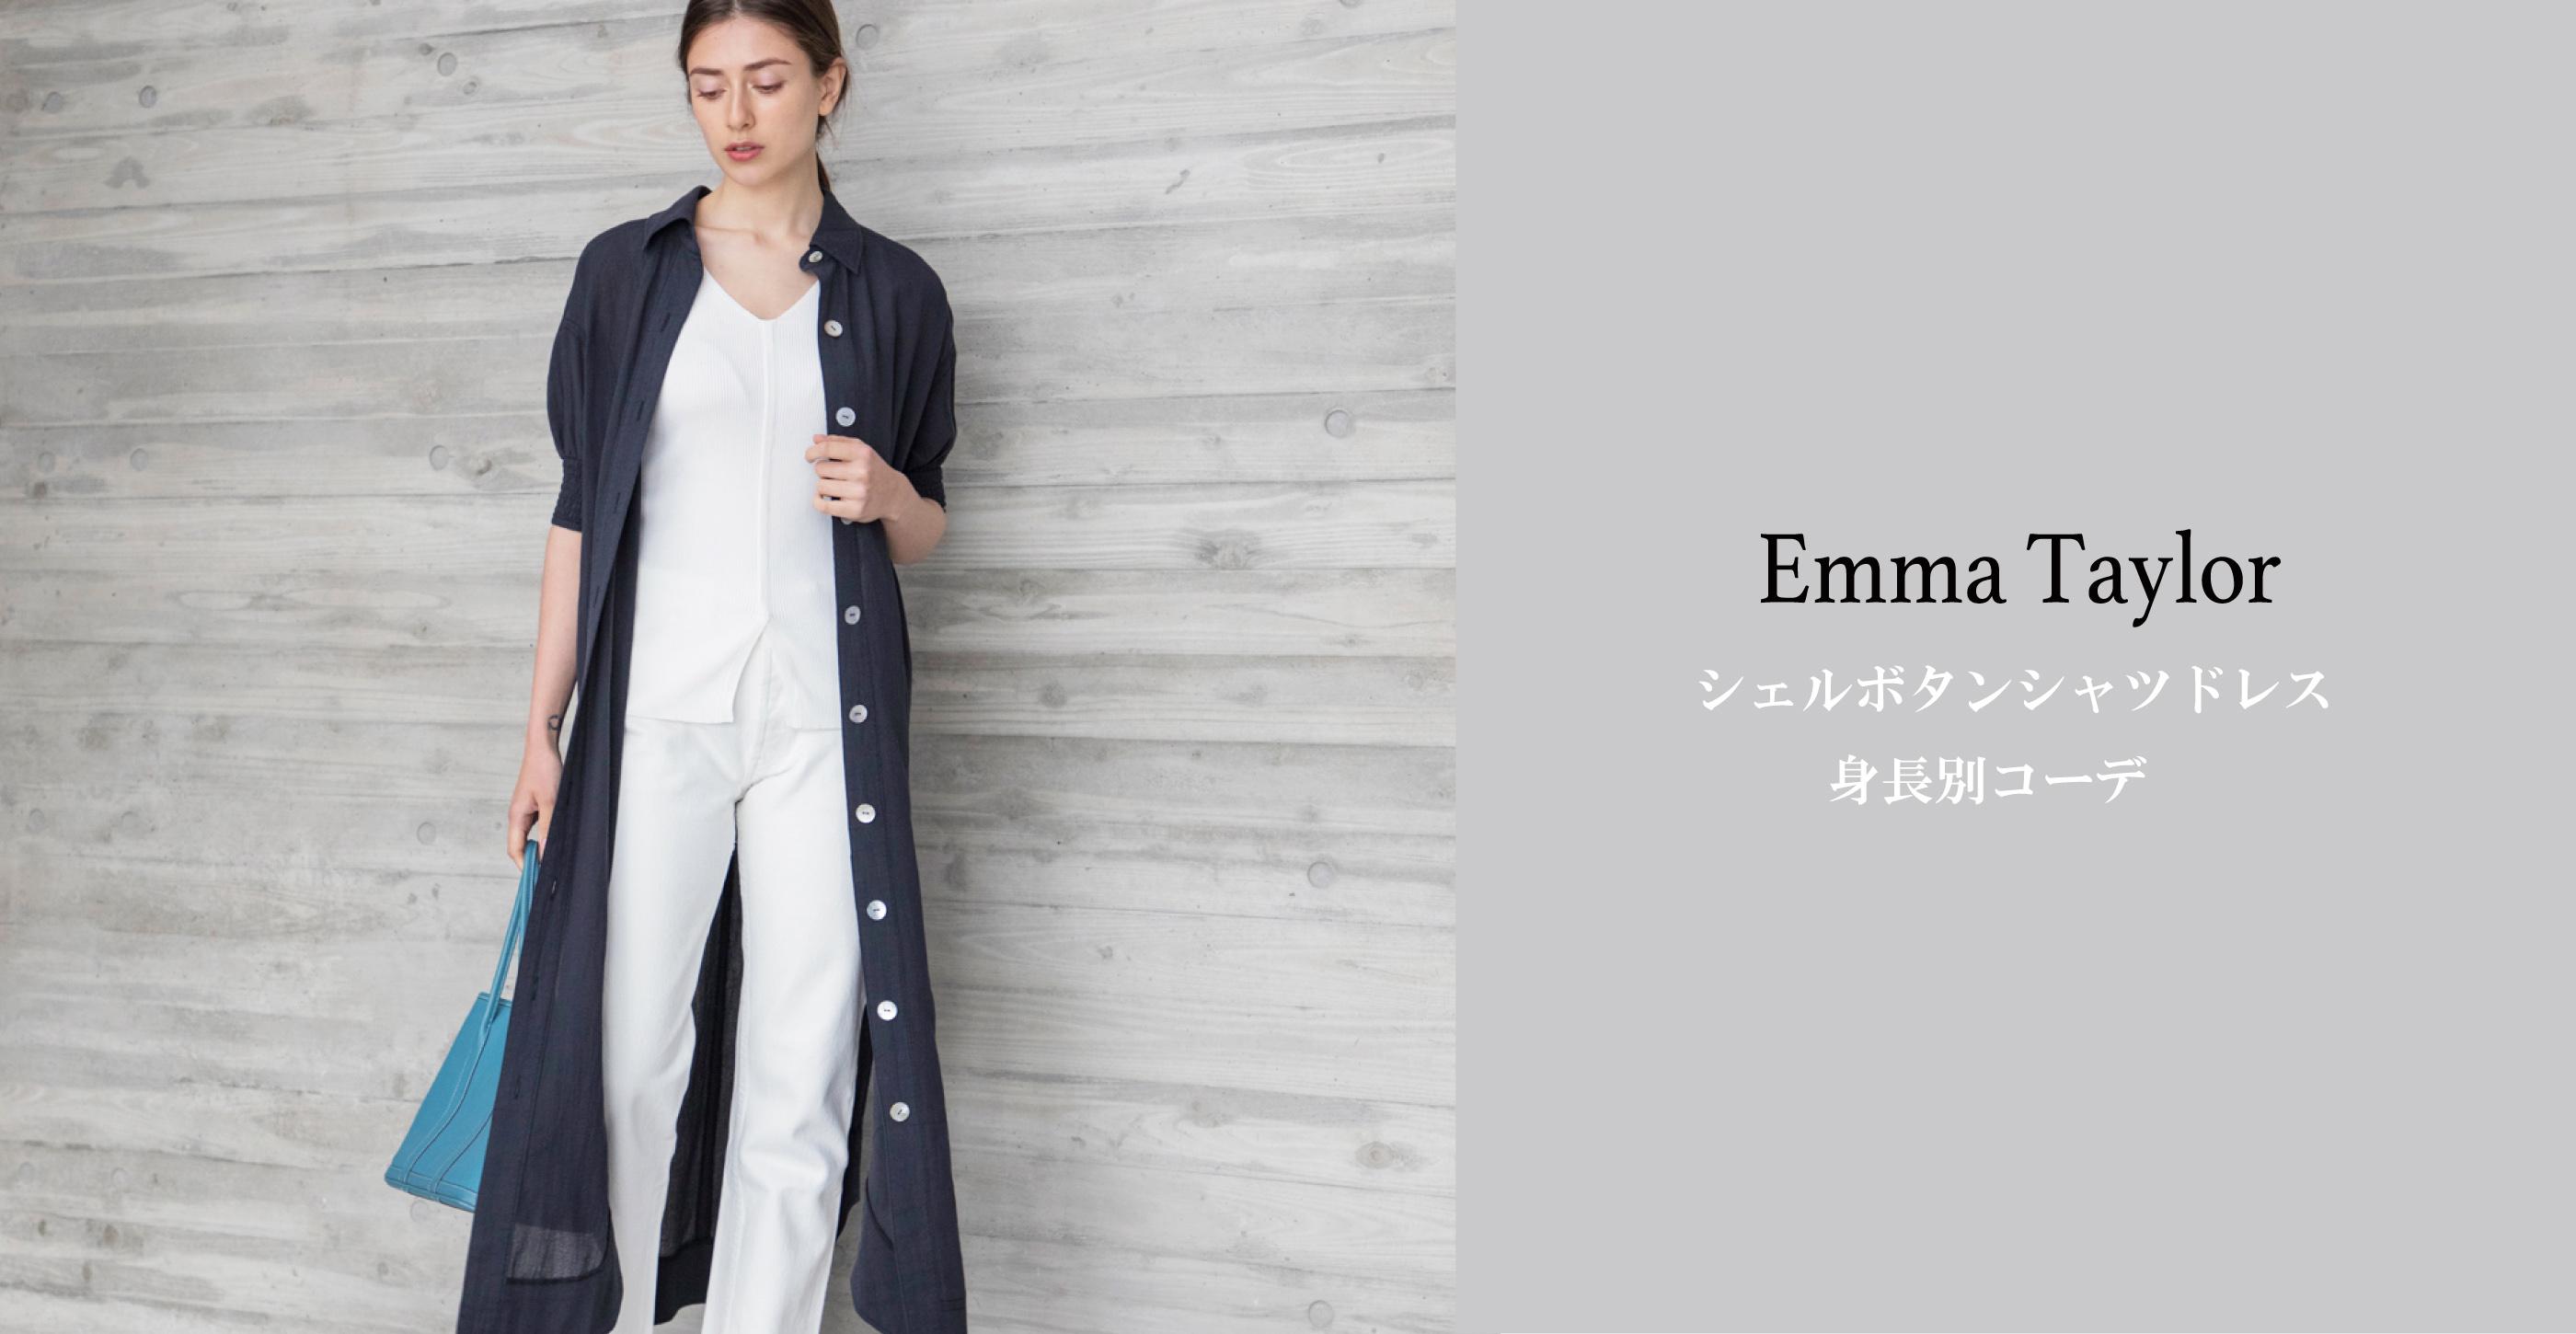 シェルボタンシャツドレス -身長別コーデ-